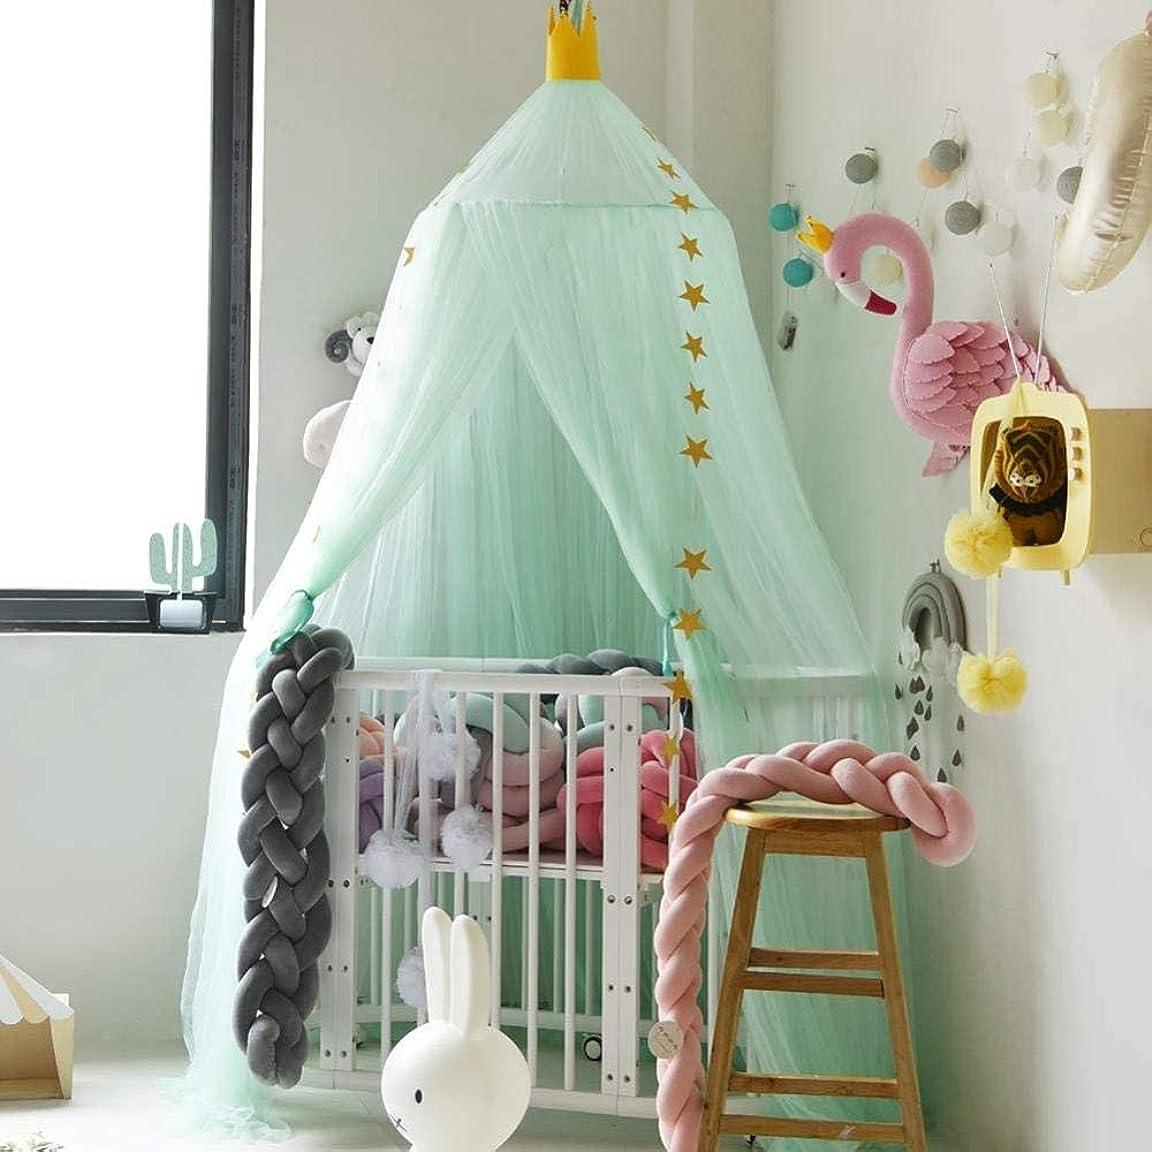 結婚した年レビューベッドのキングサイズの蚊帳キャノピー蚊保護屋内屋外キャノピー糸遊びテント寝具厚く暗号化された難燃性生地カーテン蚊帳子供用ベッド